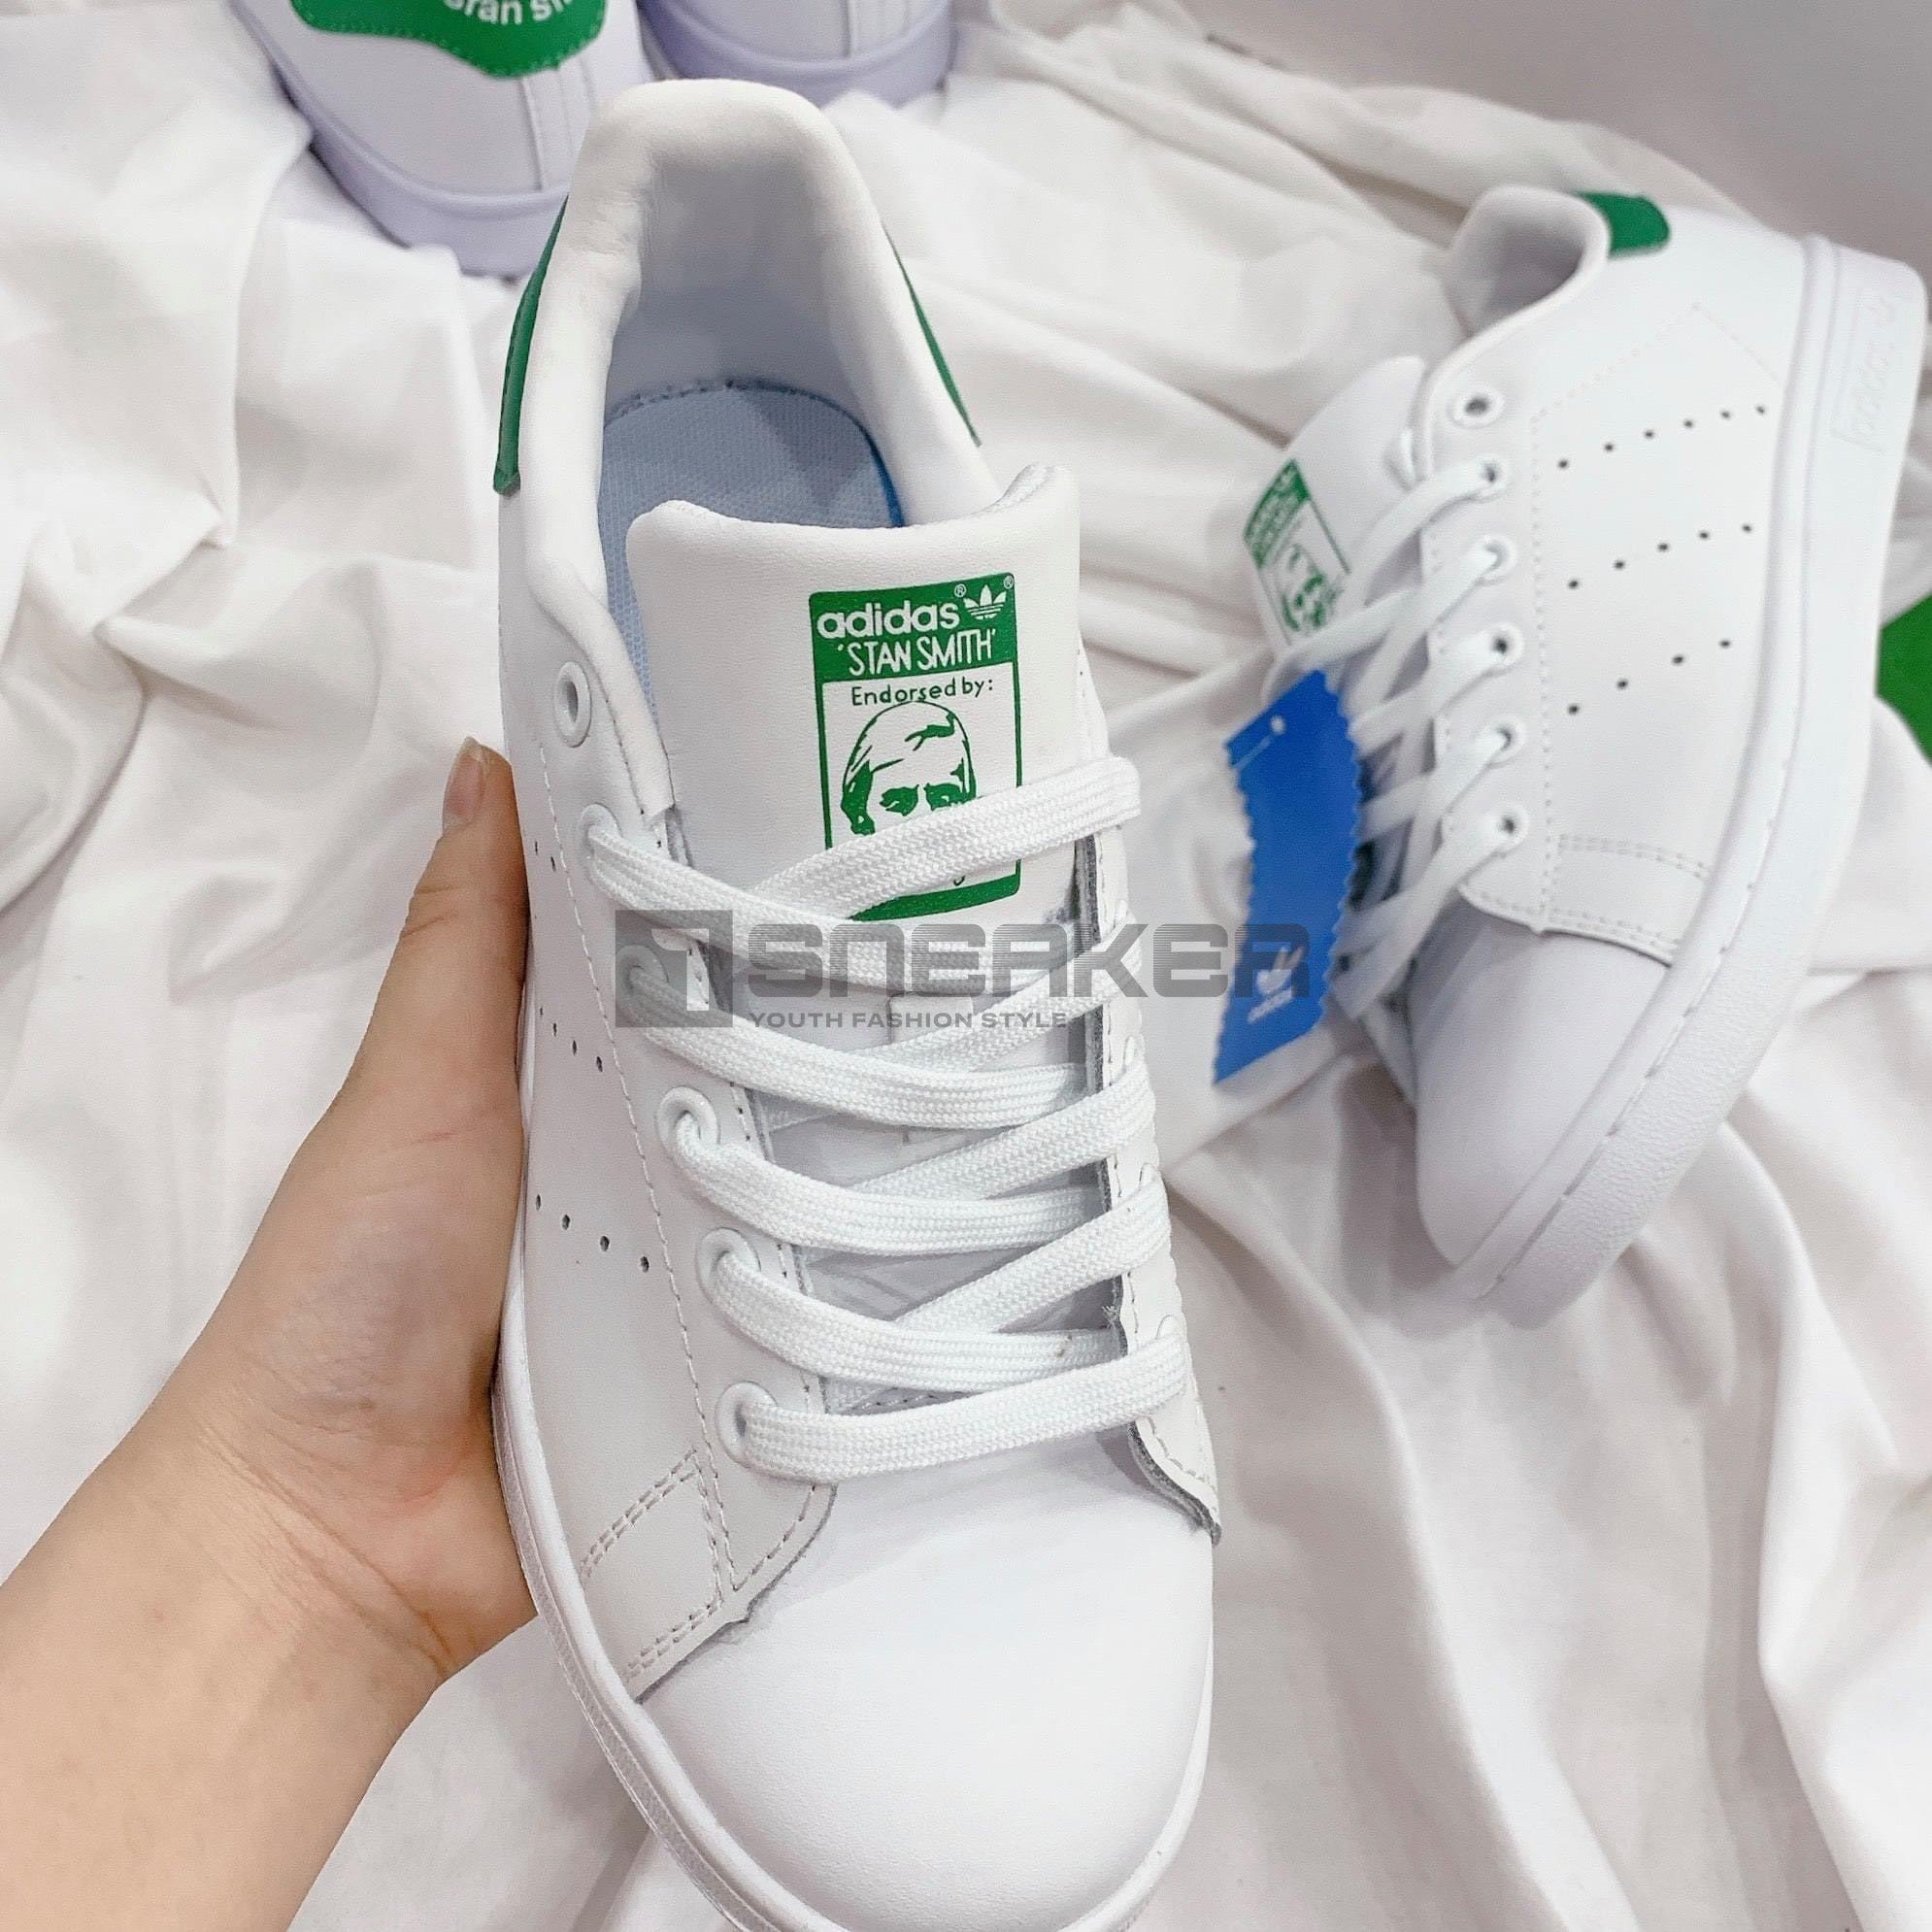 Adidas Trang Xanh Stan Smith Fairway 2